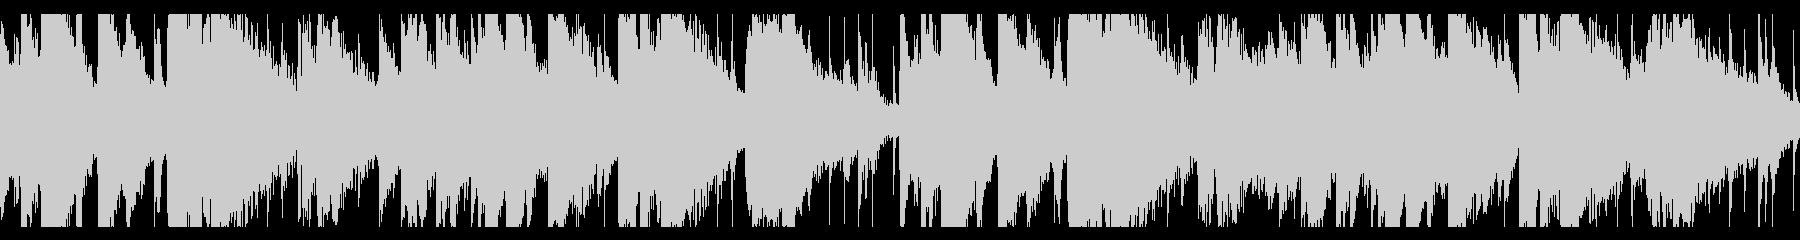 ピアノトリオ+α 落ち着いたジャズループの未再生の波形